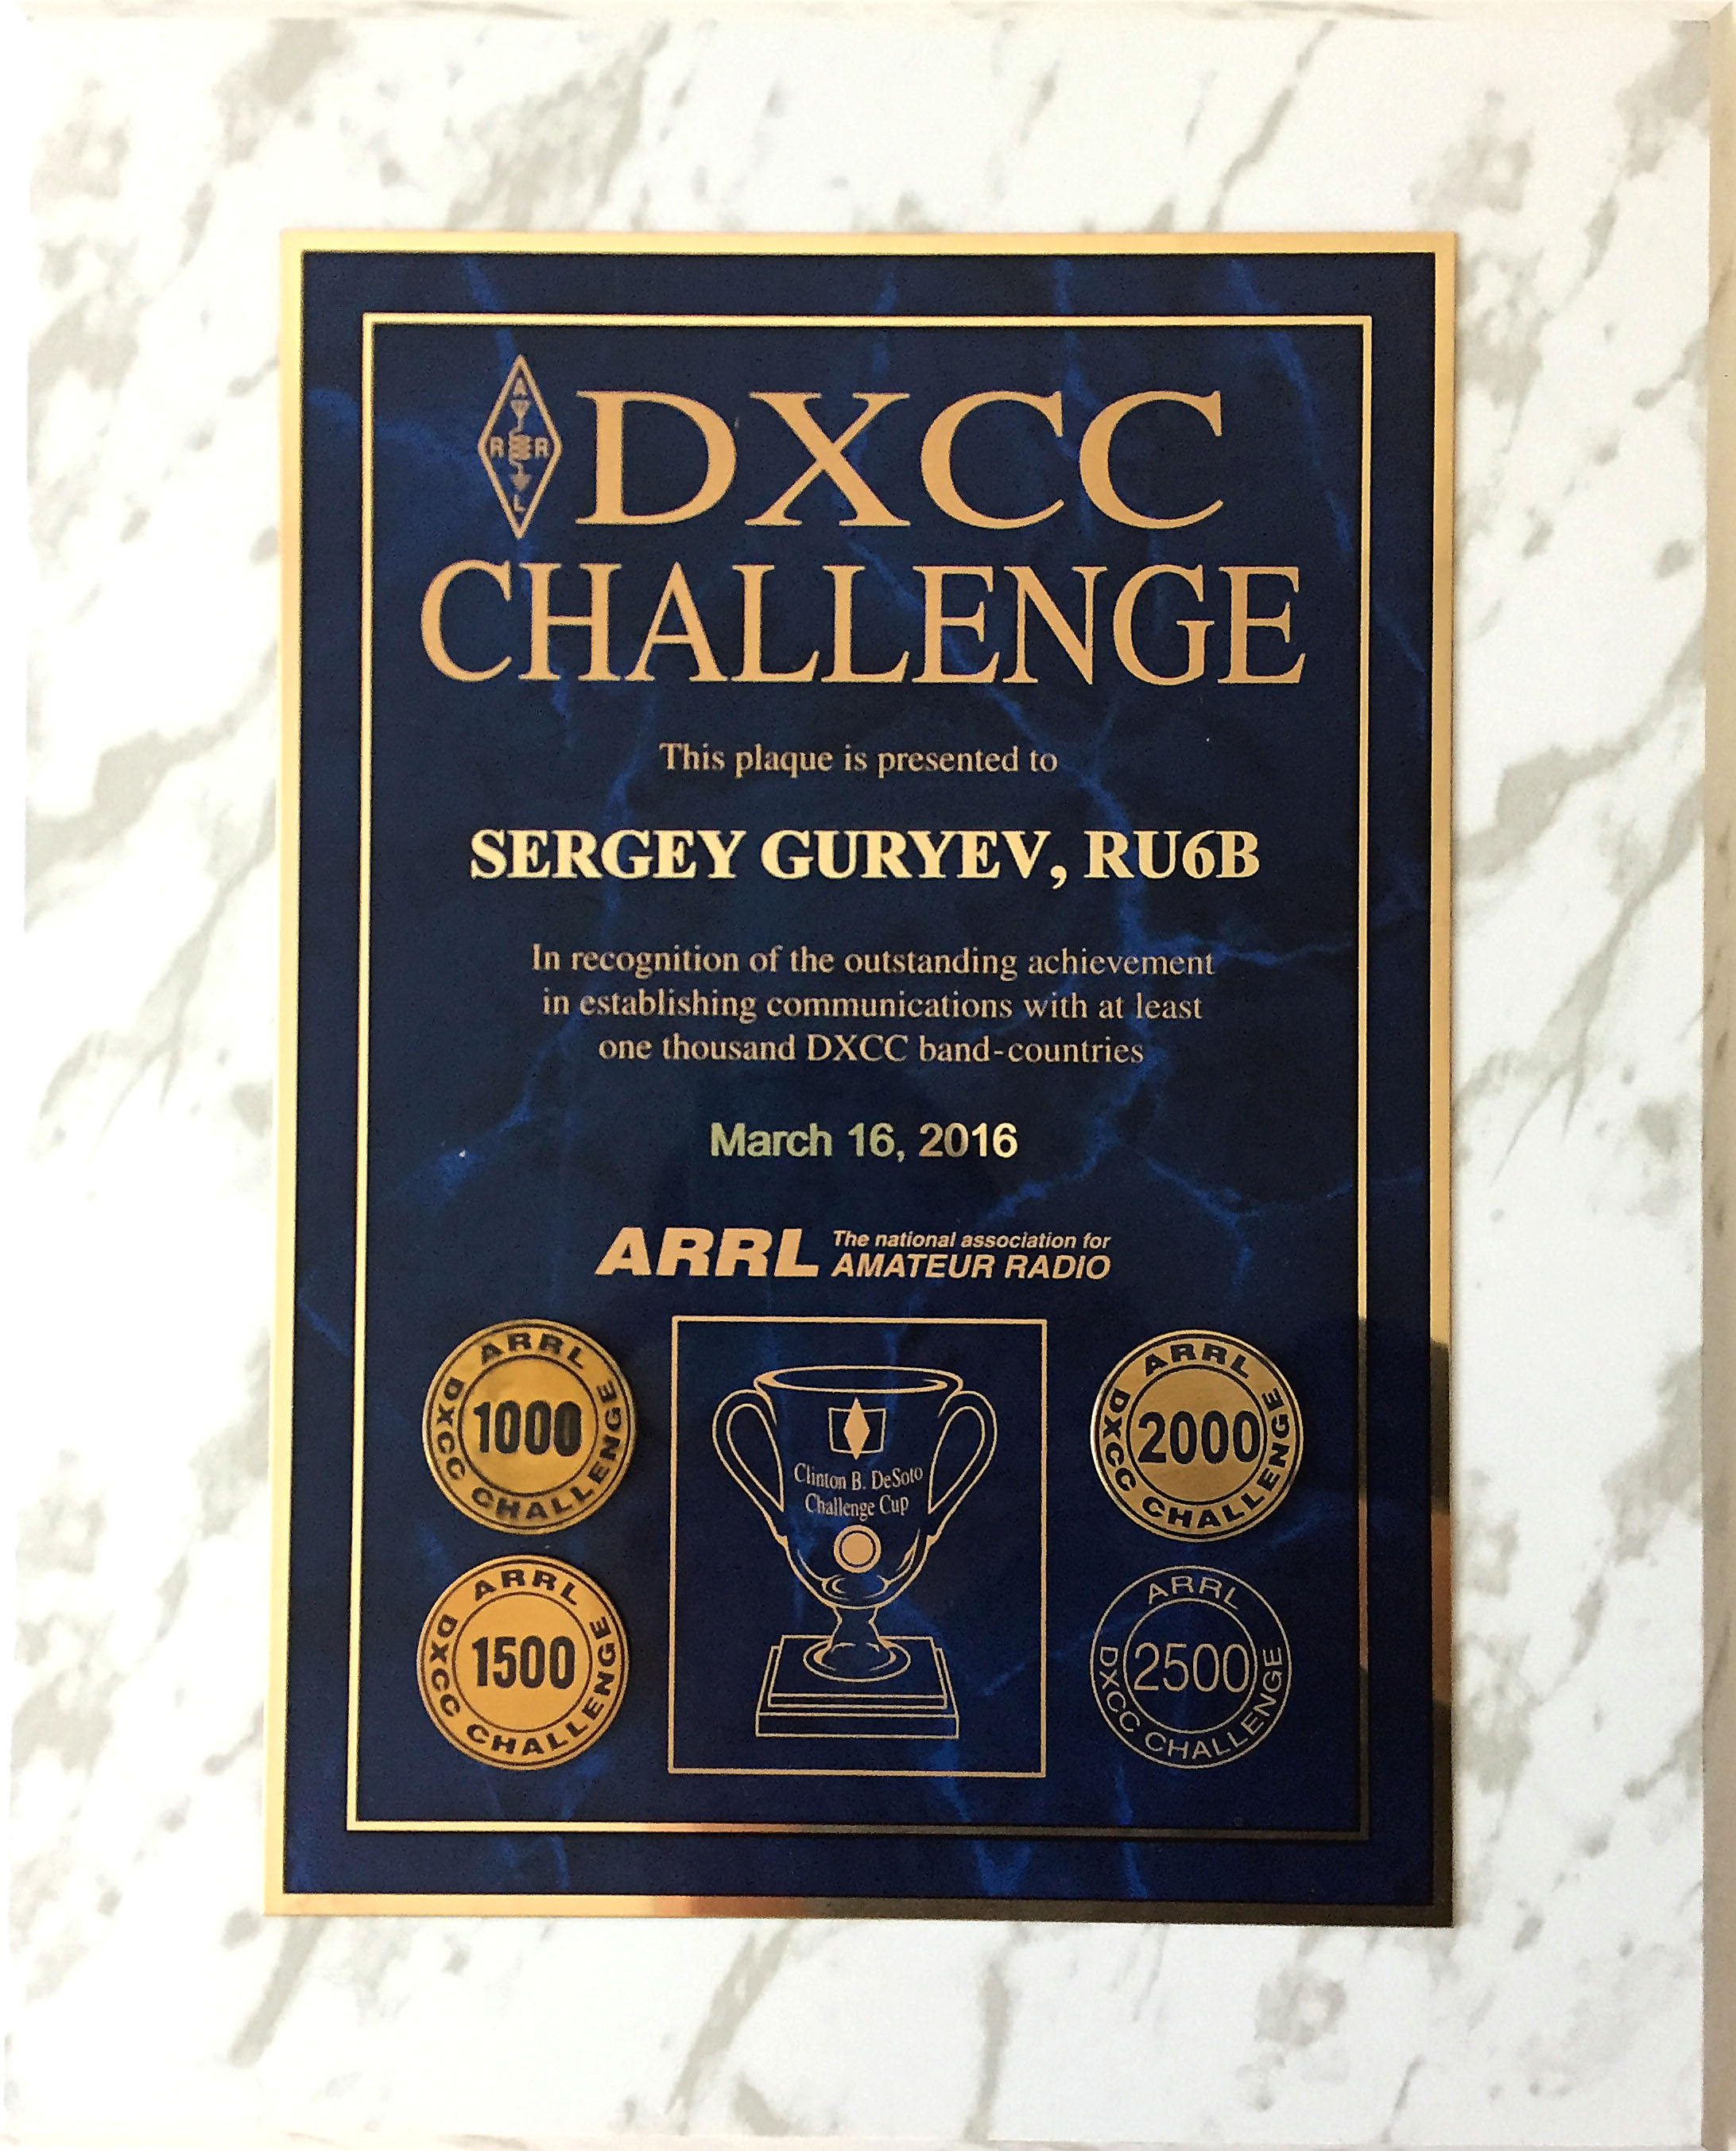 Нажмите на изображение для увеличения.  Название:DXCC-20180916-2000Challenge.JPG Просмотров:13 Размер:763.1 Кб ID:218429